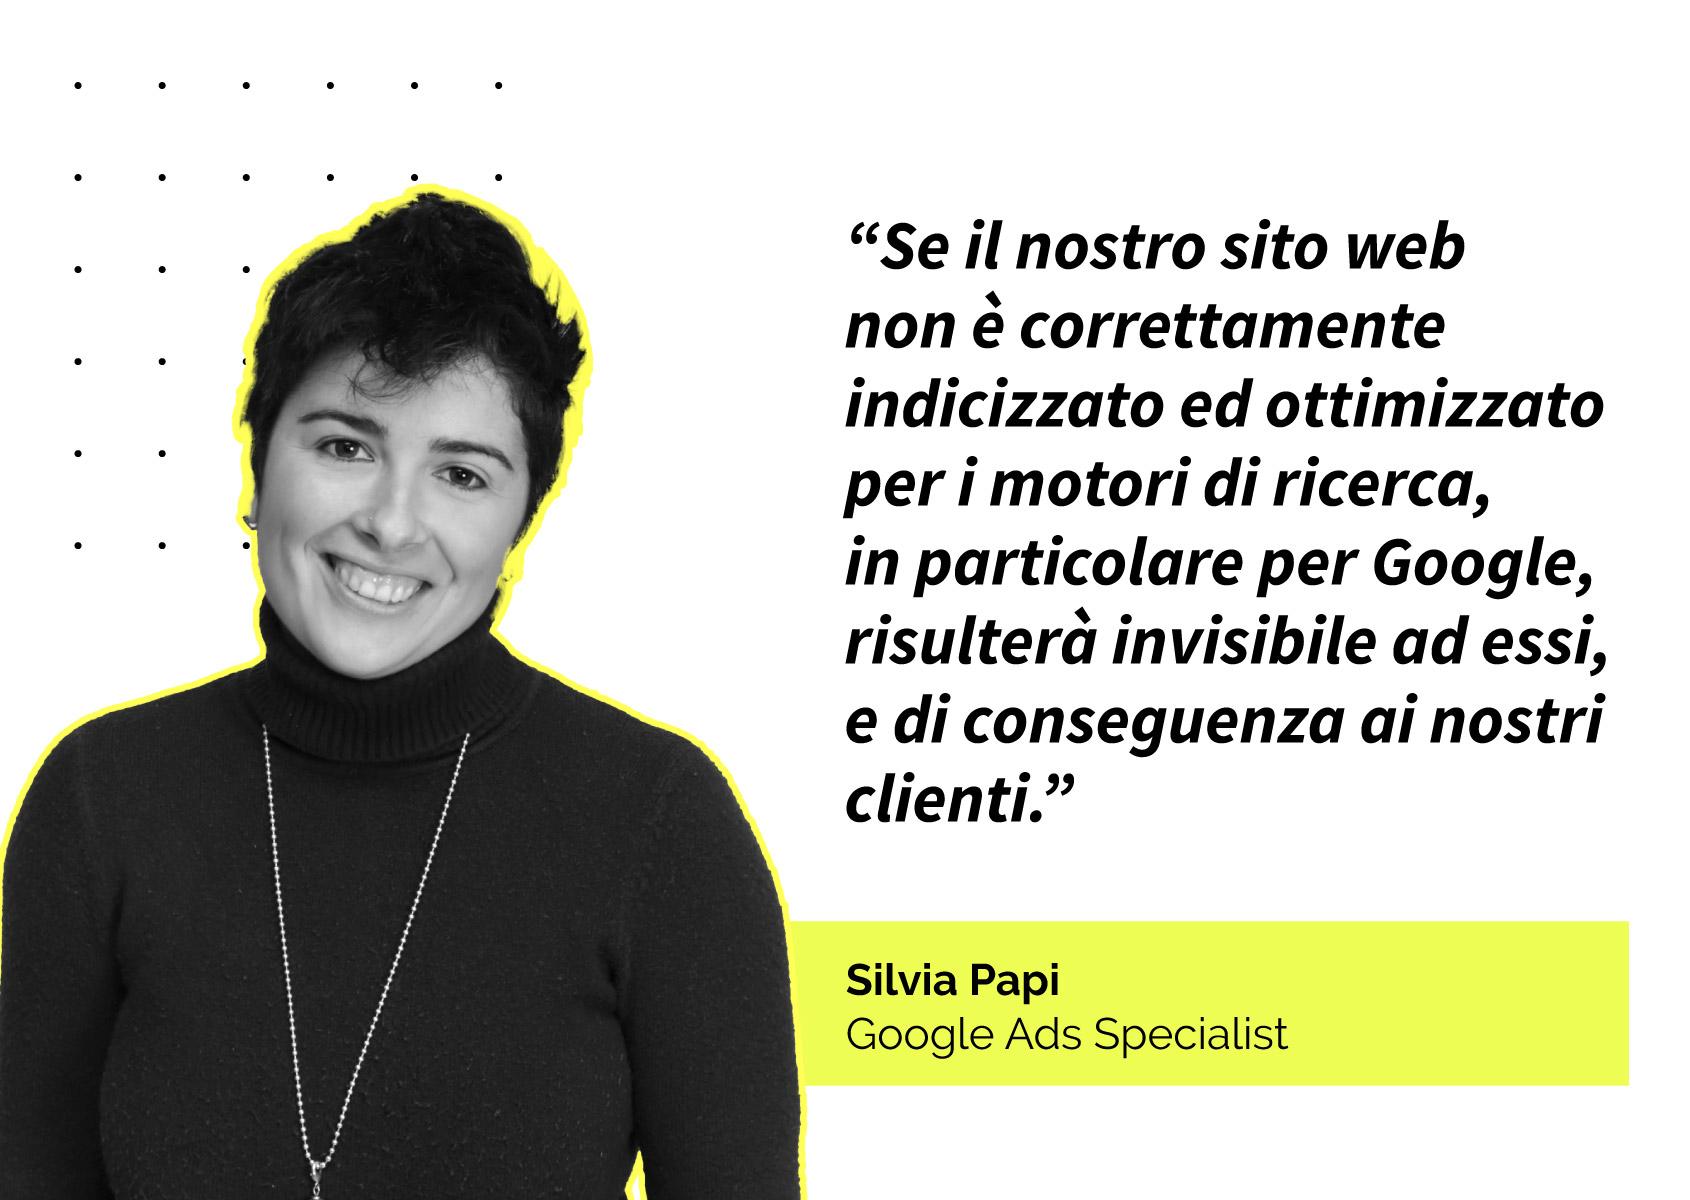 Quote: Se il nostro sito web non è correttamente indicizzato ed ottimizzato per i motori di ricerca, in particolare per Google, risulterà invisibile ad essi, e di conseguenza ai nostri clienti.